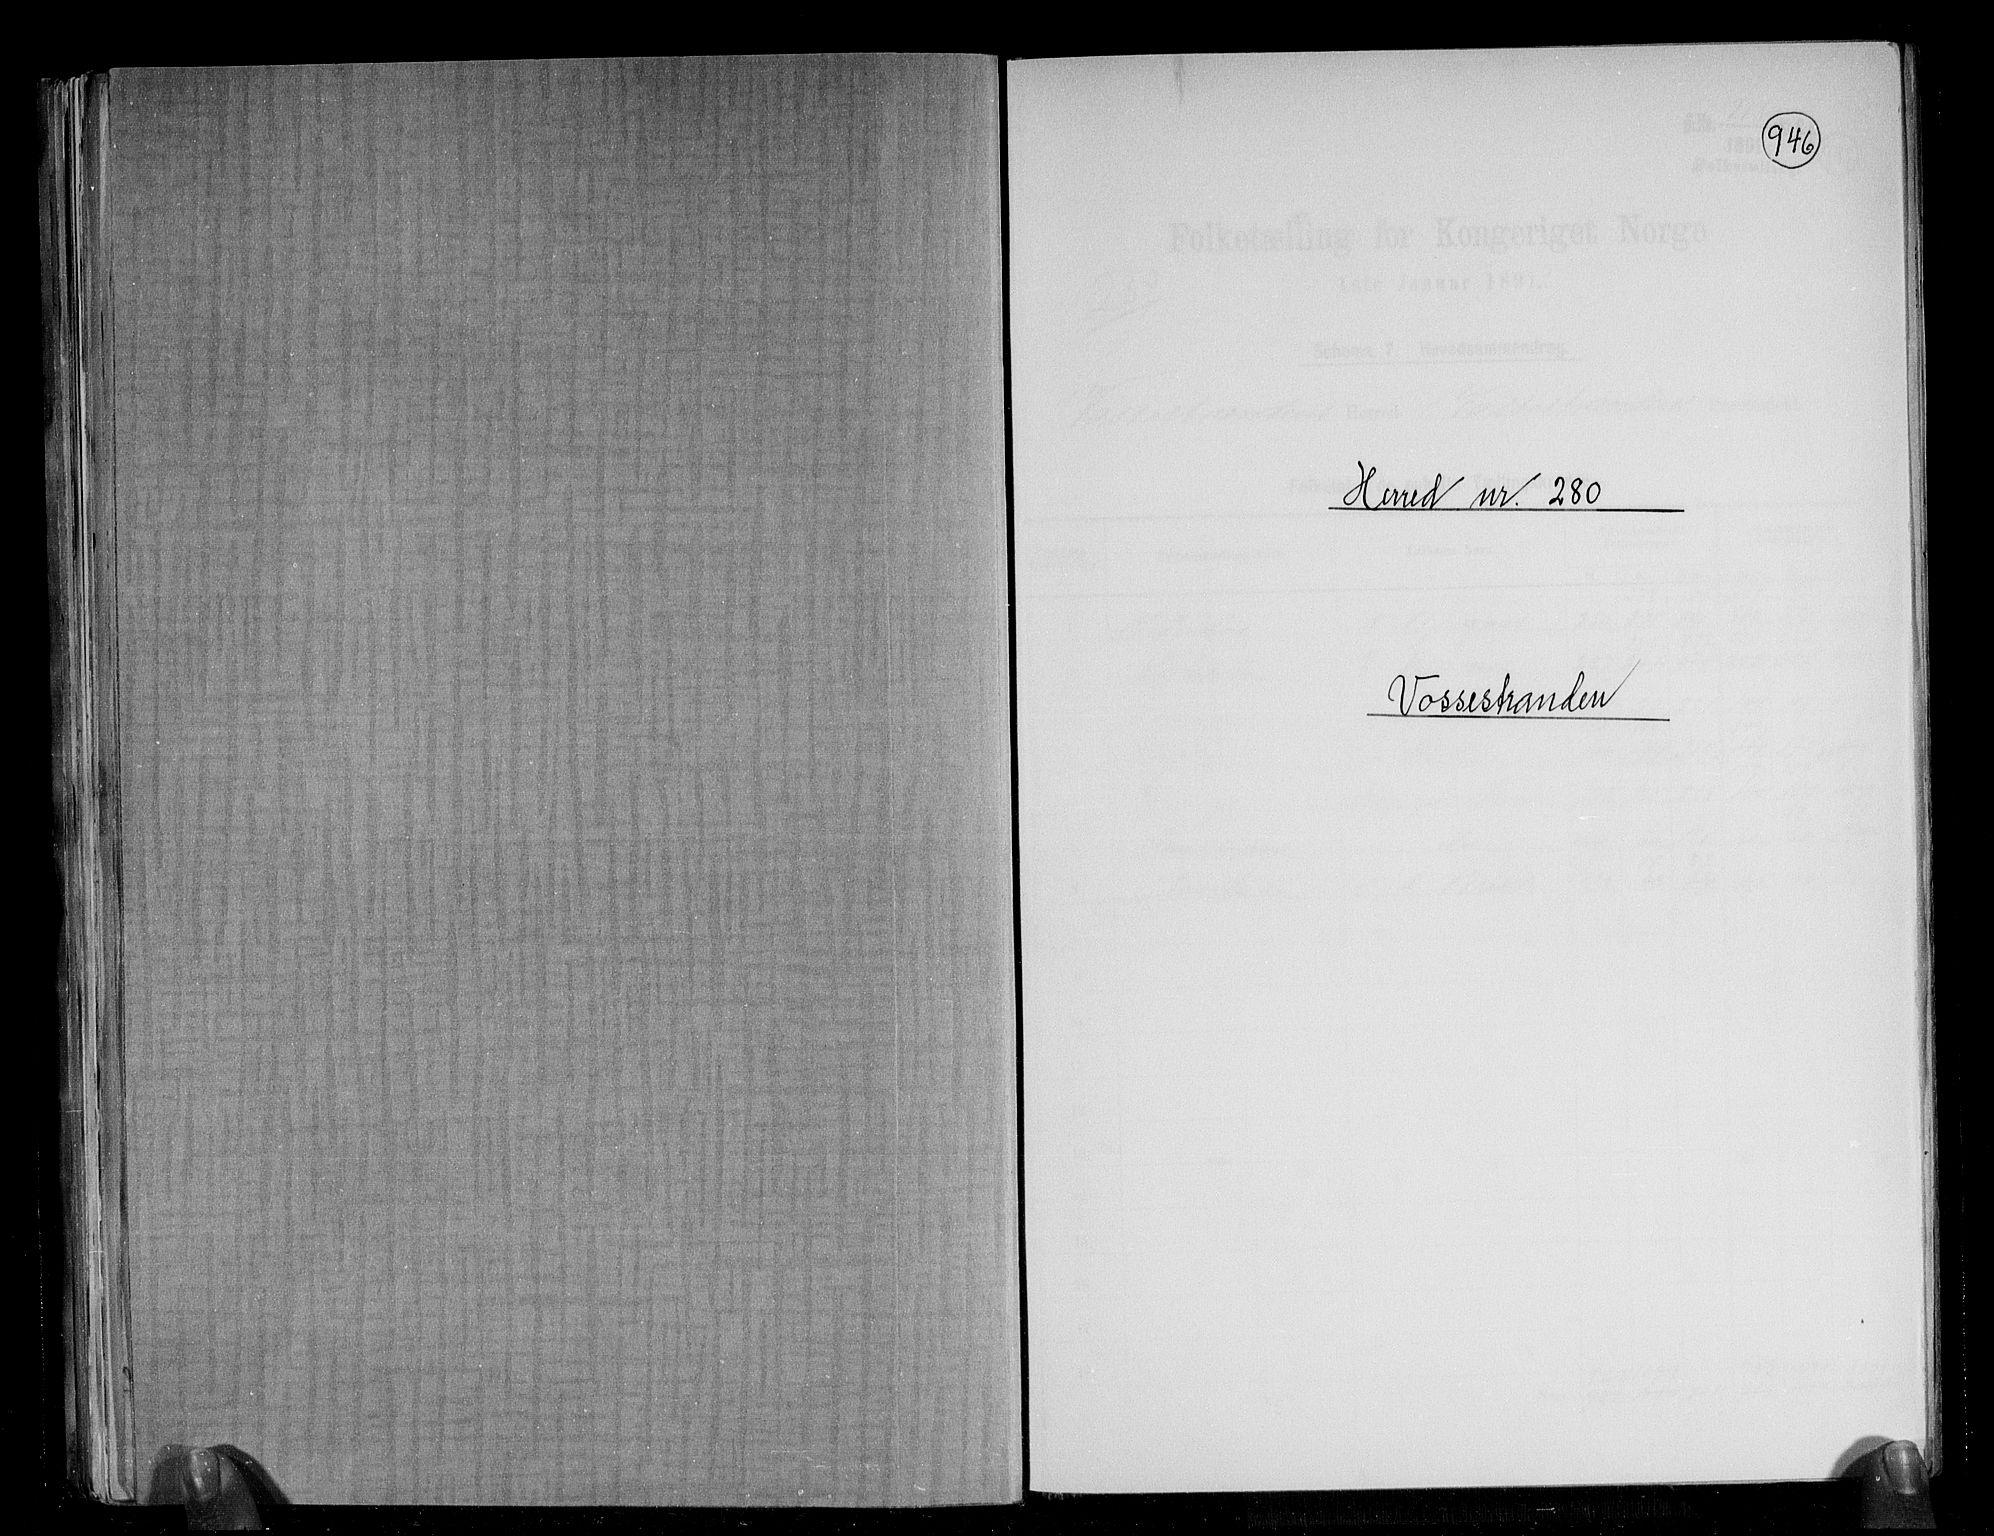 RA, Folketelling 1891 for 1236 Vossestrand herred, 1891, s. 1